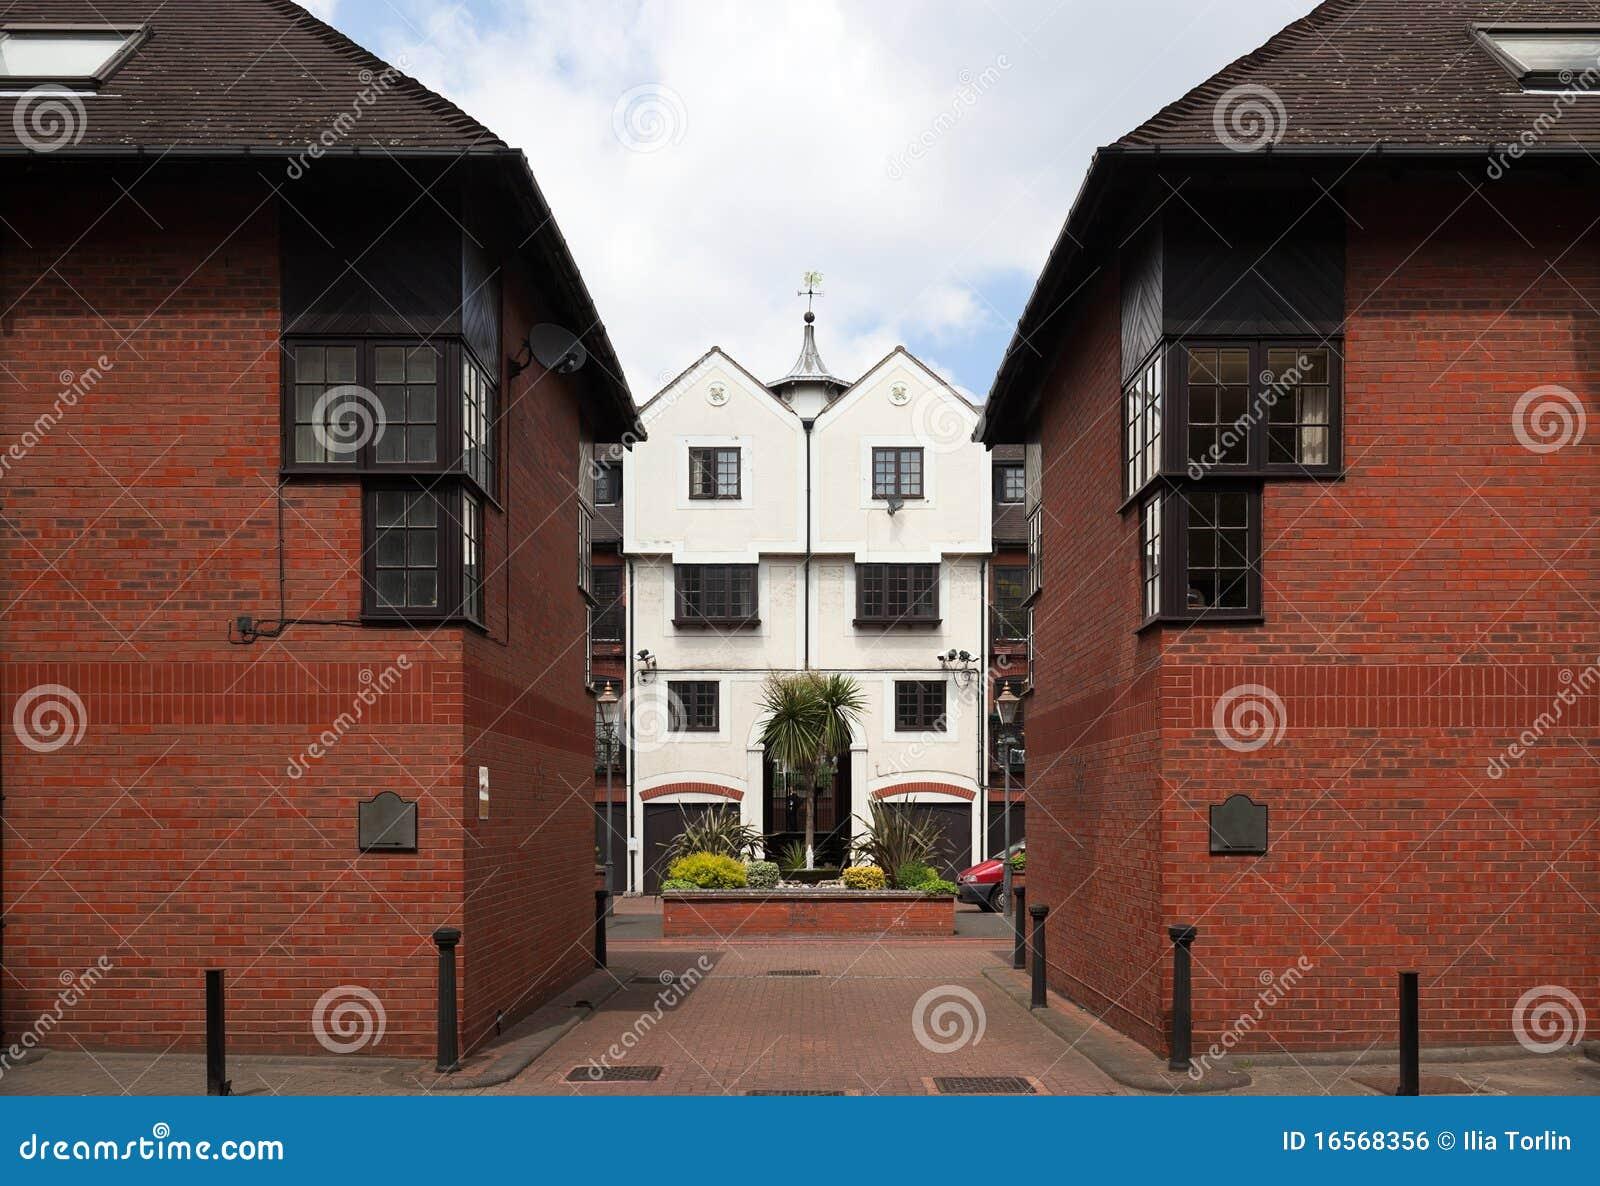 Camere A Terrazze Moderne. Londra. Il Regno Unito Fotografia Stock ...